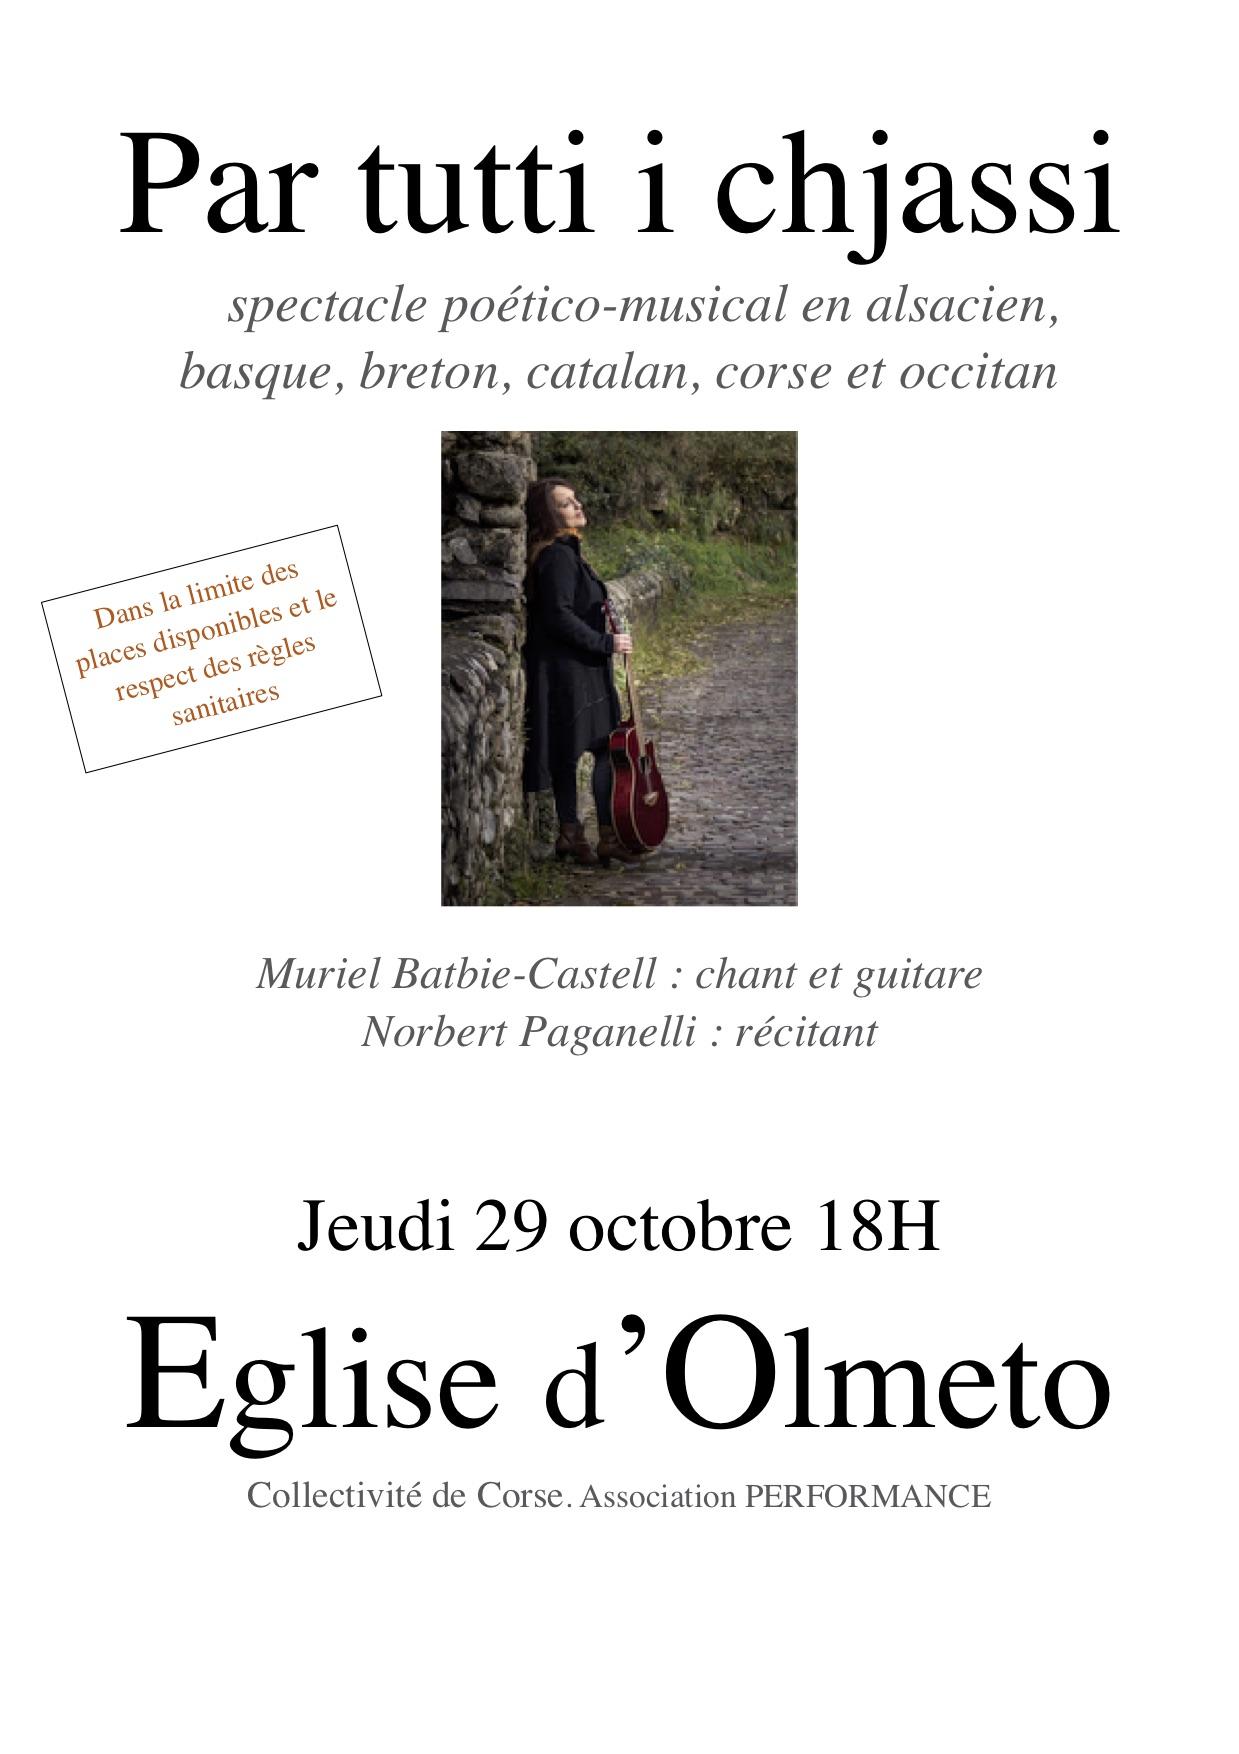 Par tutti i chjassi: la poésie des langues de France en concert à Olmeto